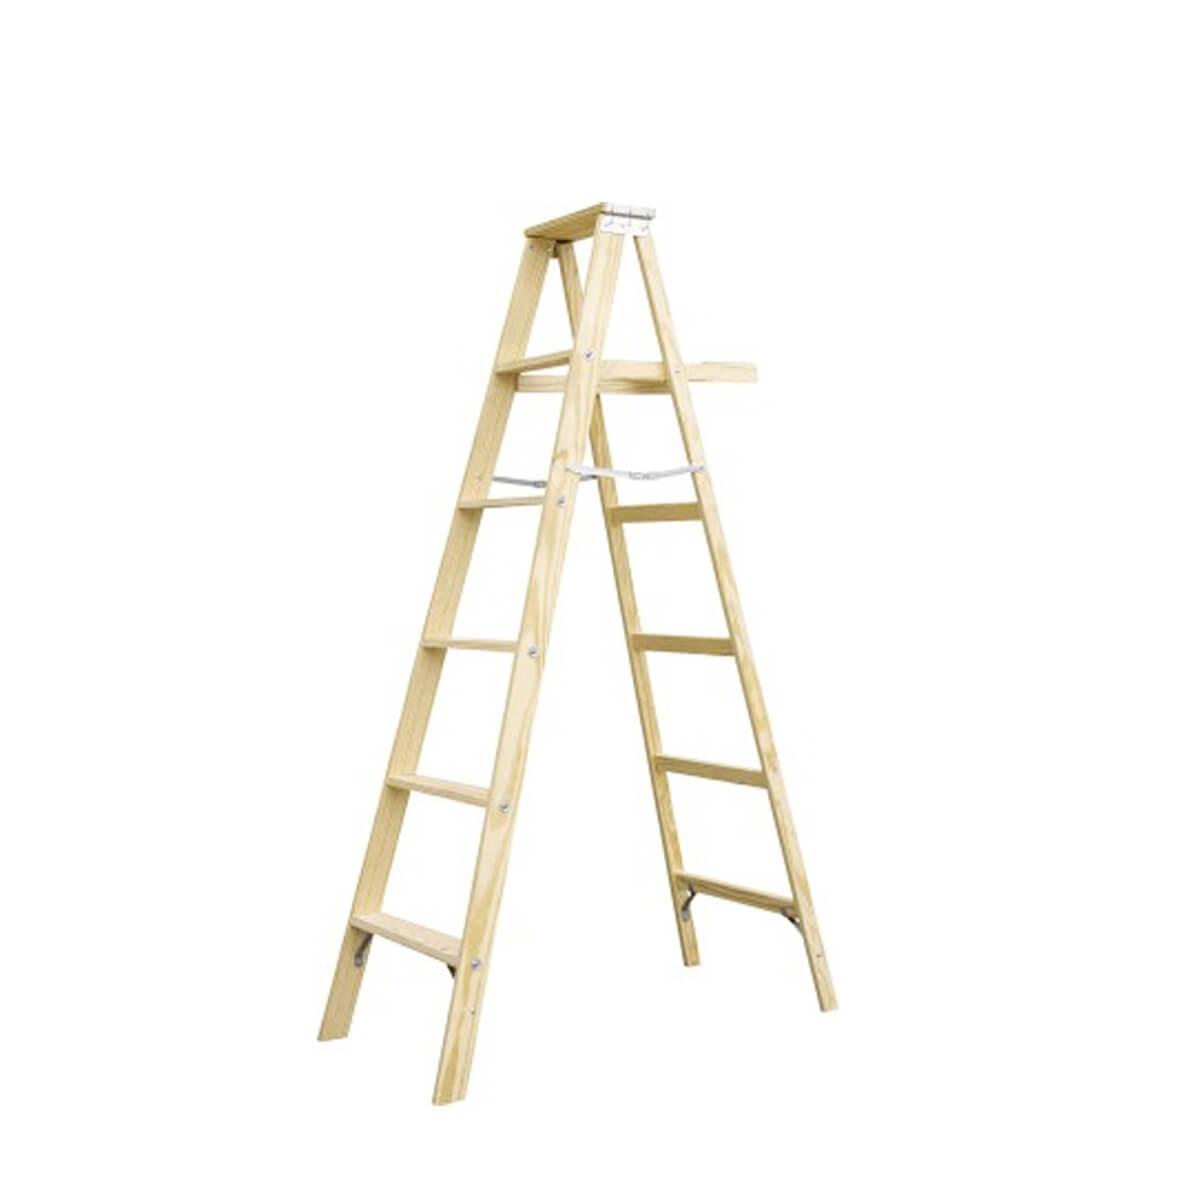 نردبان چوبی دوطرفه  ( نقاشی )